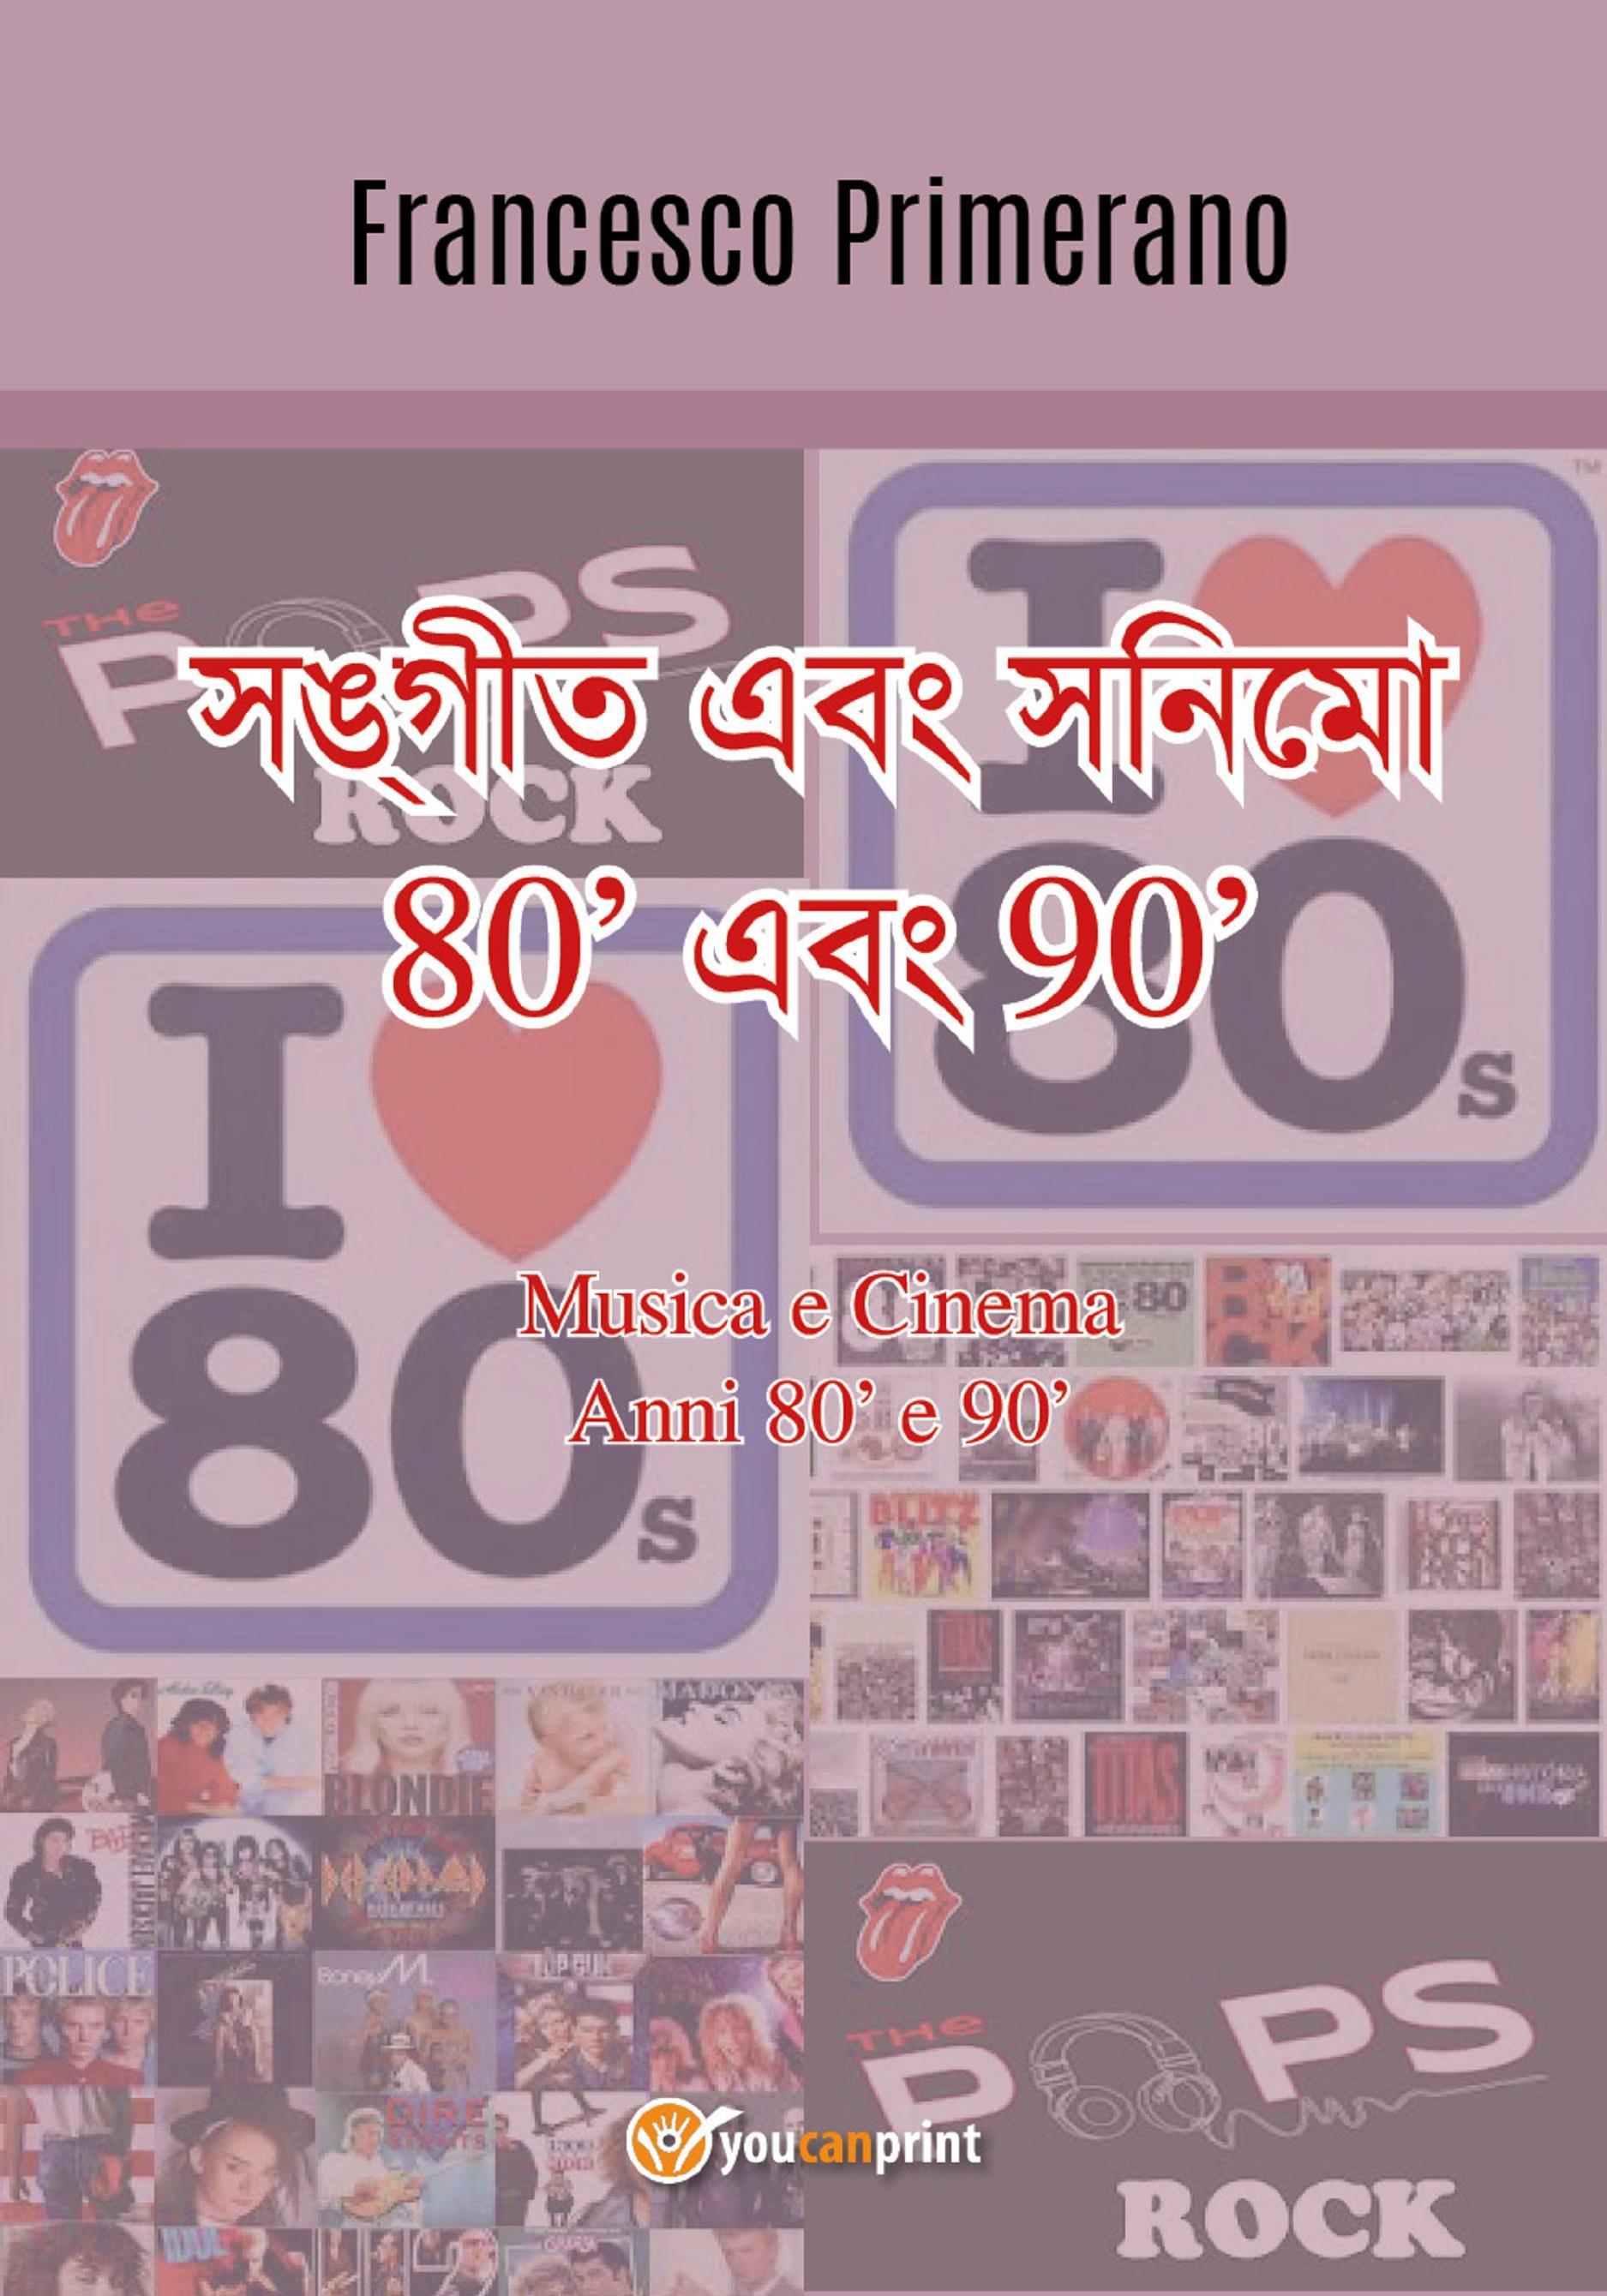 সঙ্গীত এবং সিনেমা 80' এবং 90' -  Musica e Cinema Anni 80' e 90'